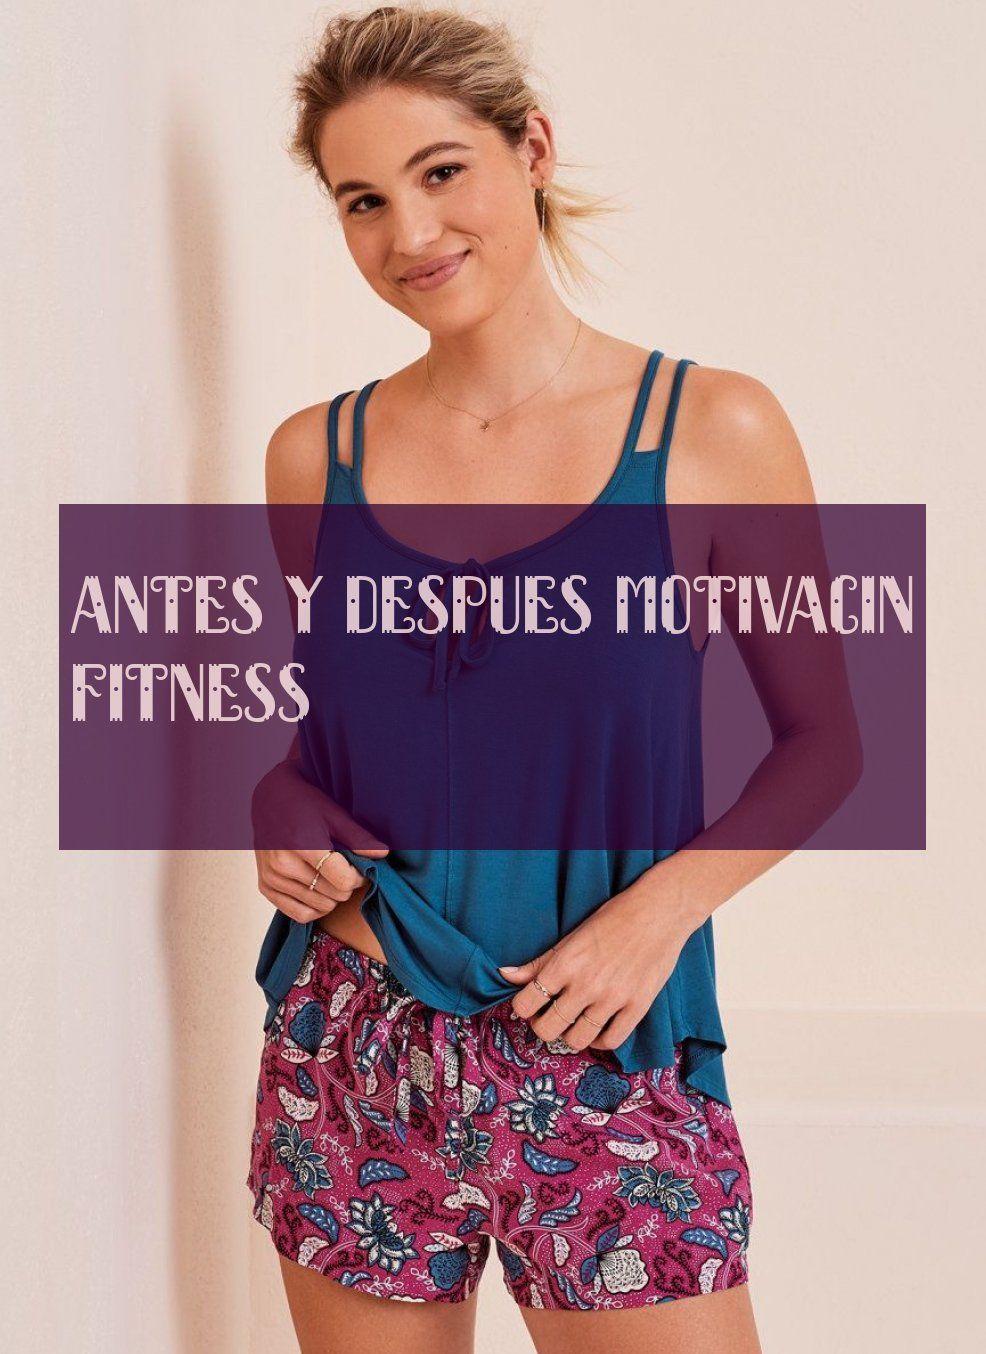 Antes Y Despues motivacin fitness #Antes #Despues #motivacin #fitness